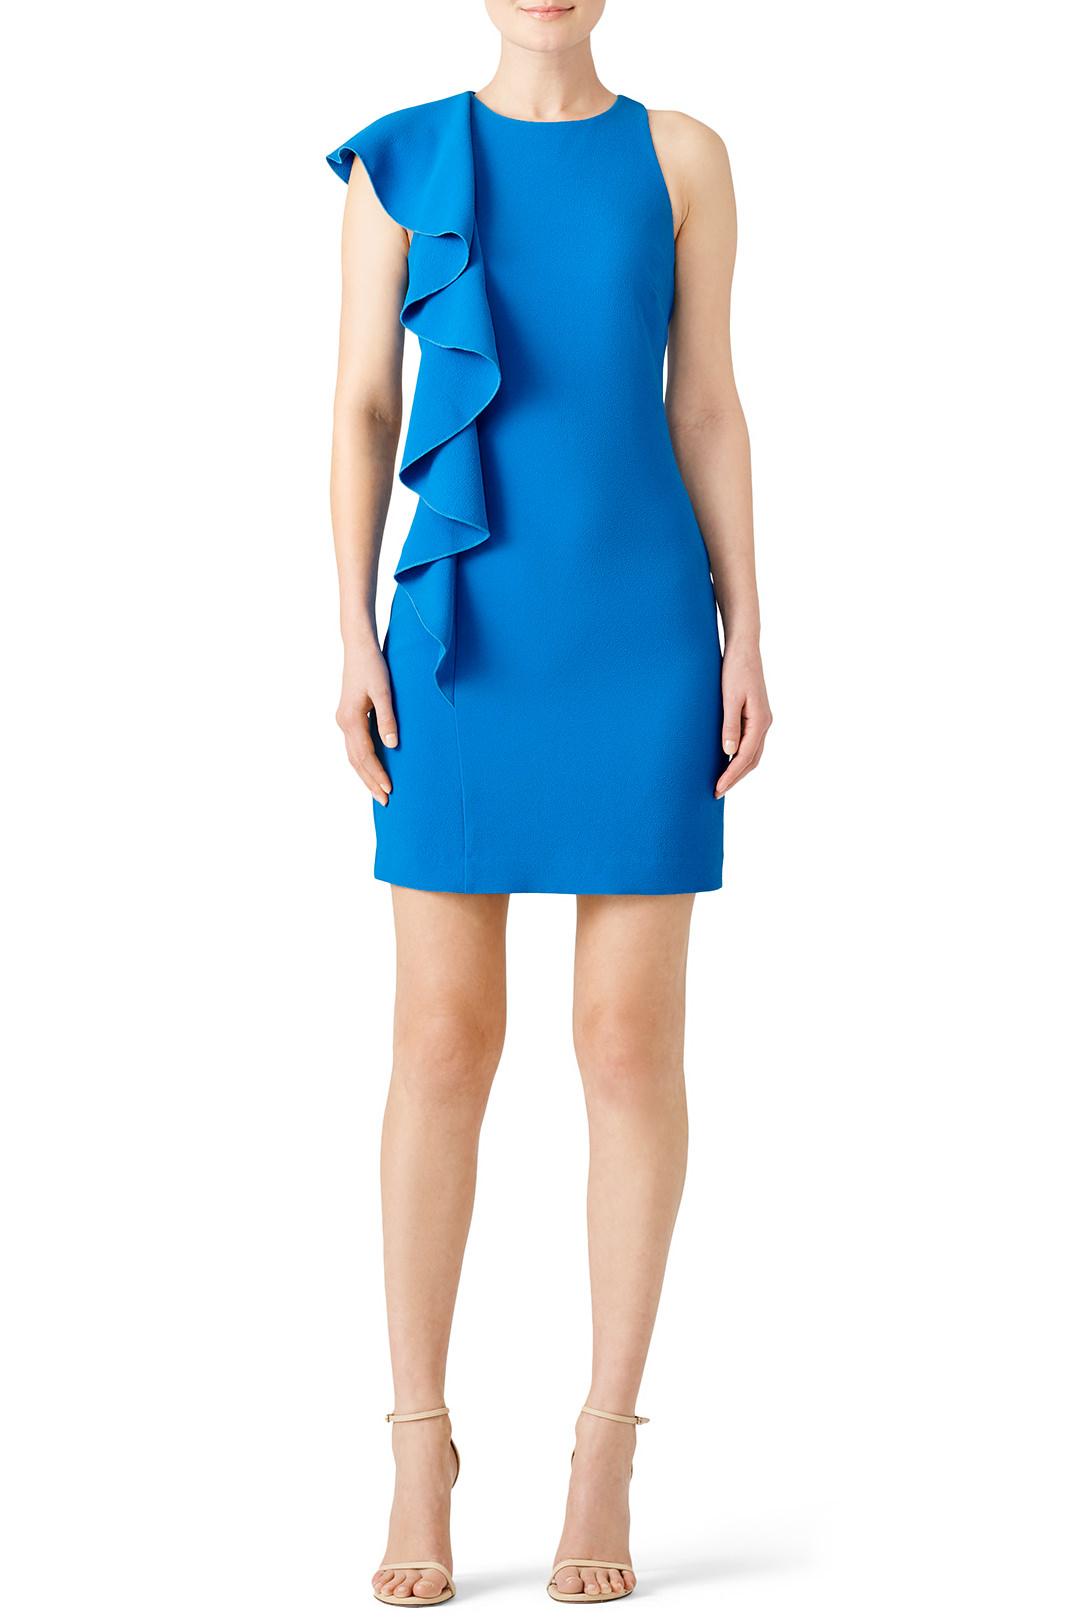 Trina Turk Blue Crescent Dress